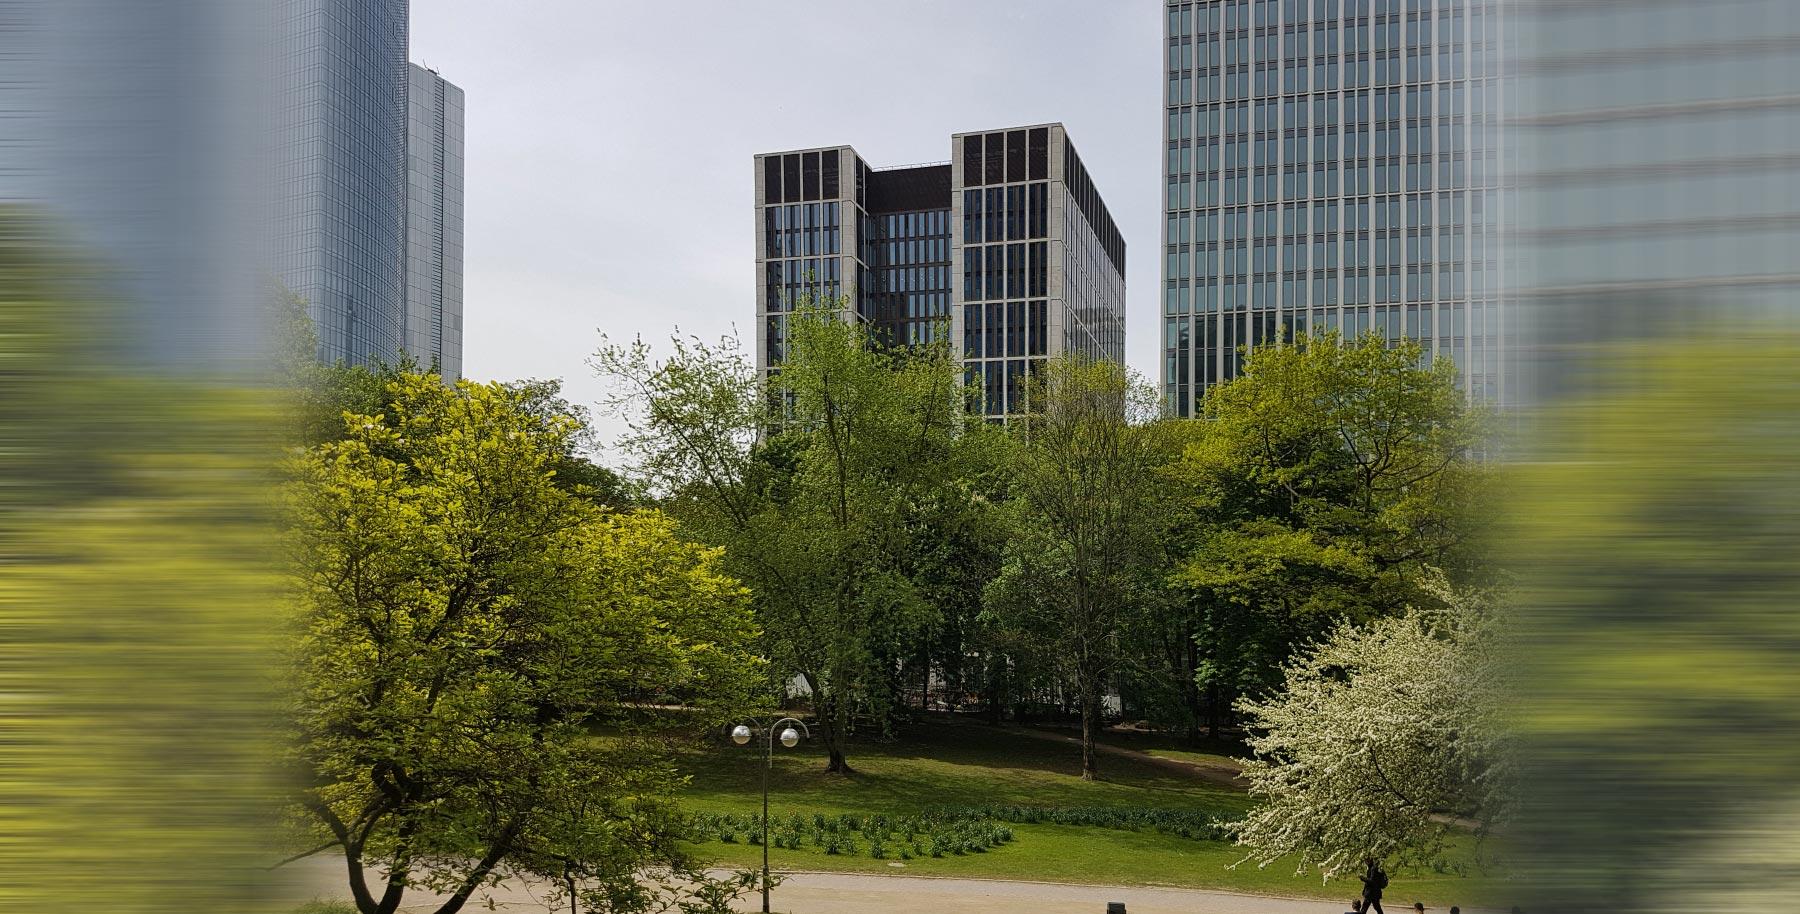 T8 - Taunusanlage 8 - Frankfurt am Main - Hochhaus Bahnhofsviertel - Linkslaters - WoWork - FM Global